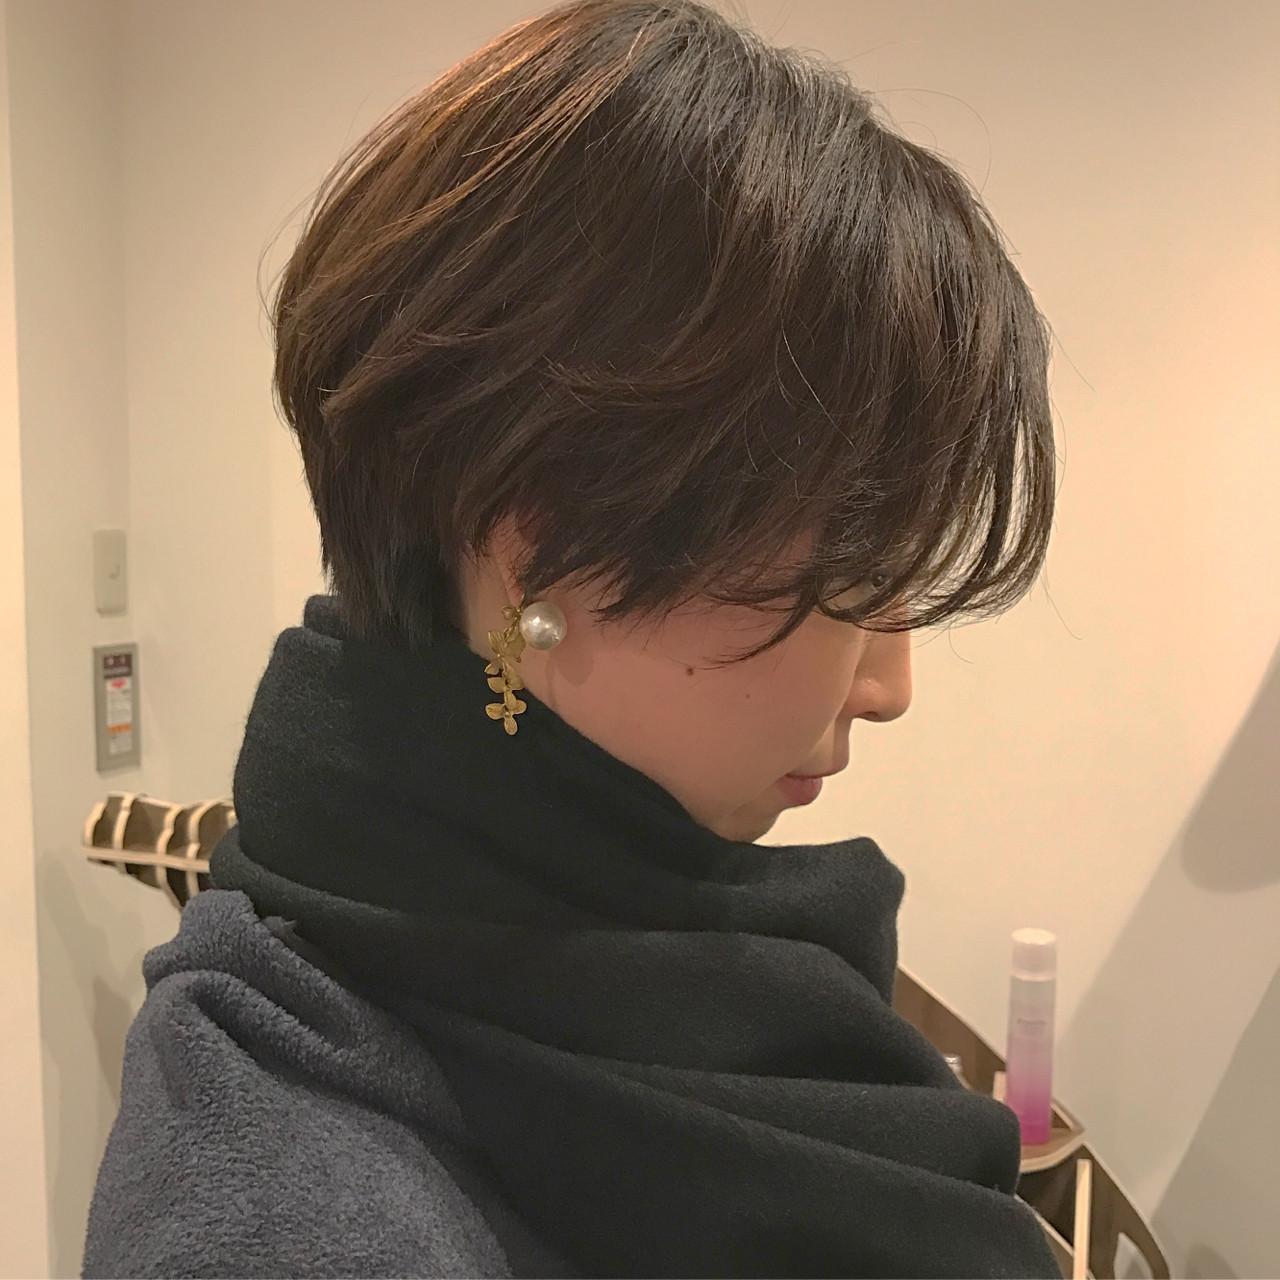 前髪あり ショート ナチュラル 黒髪 ヘアスタイルや髪型の写真・画像